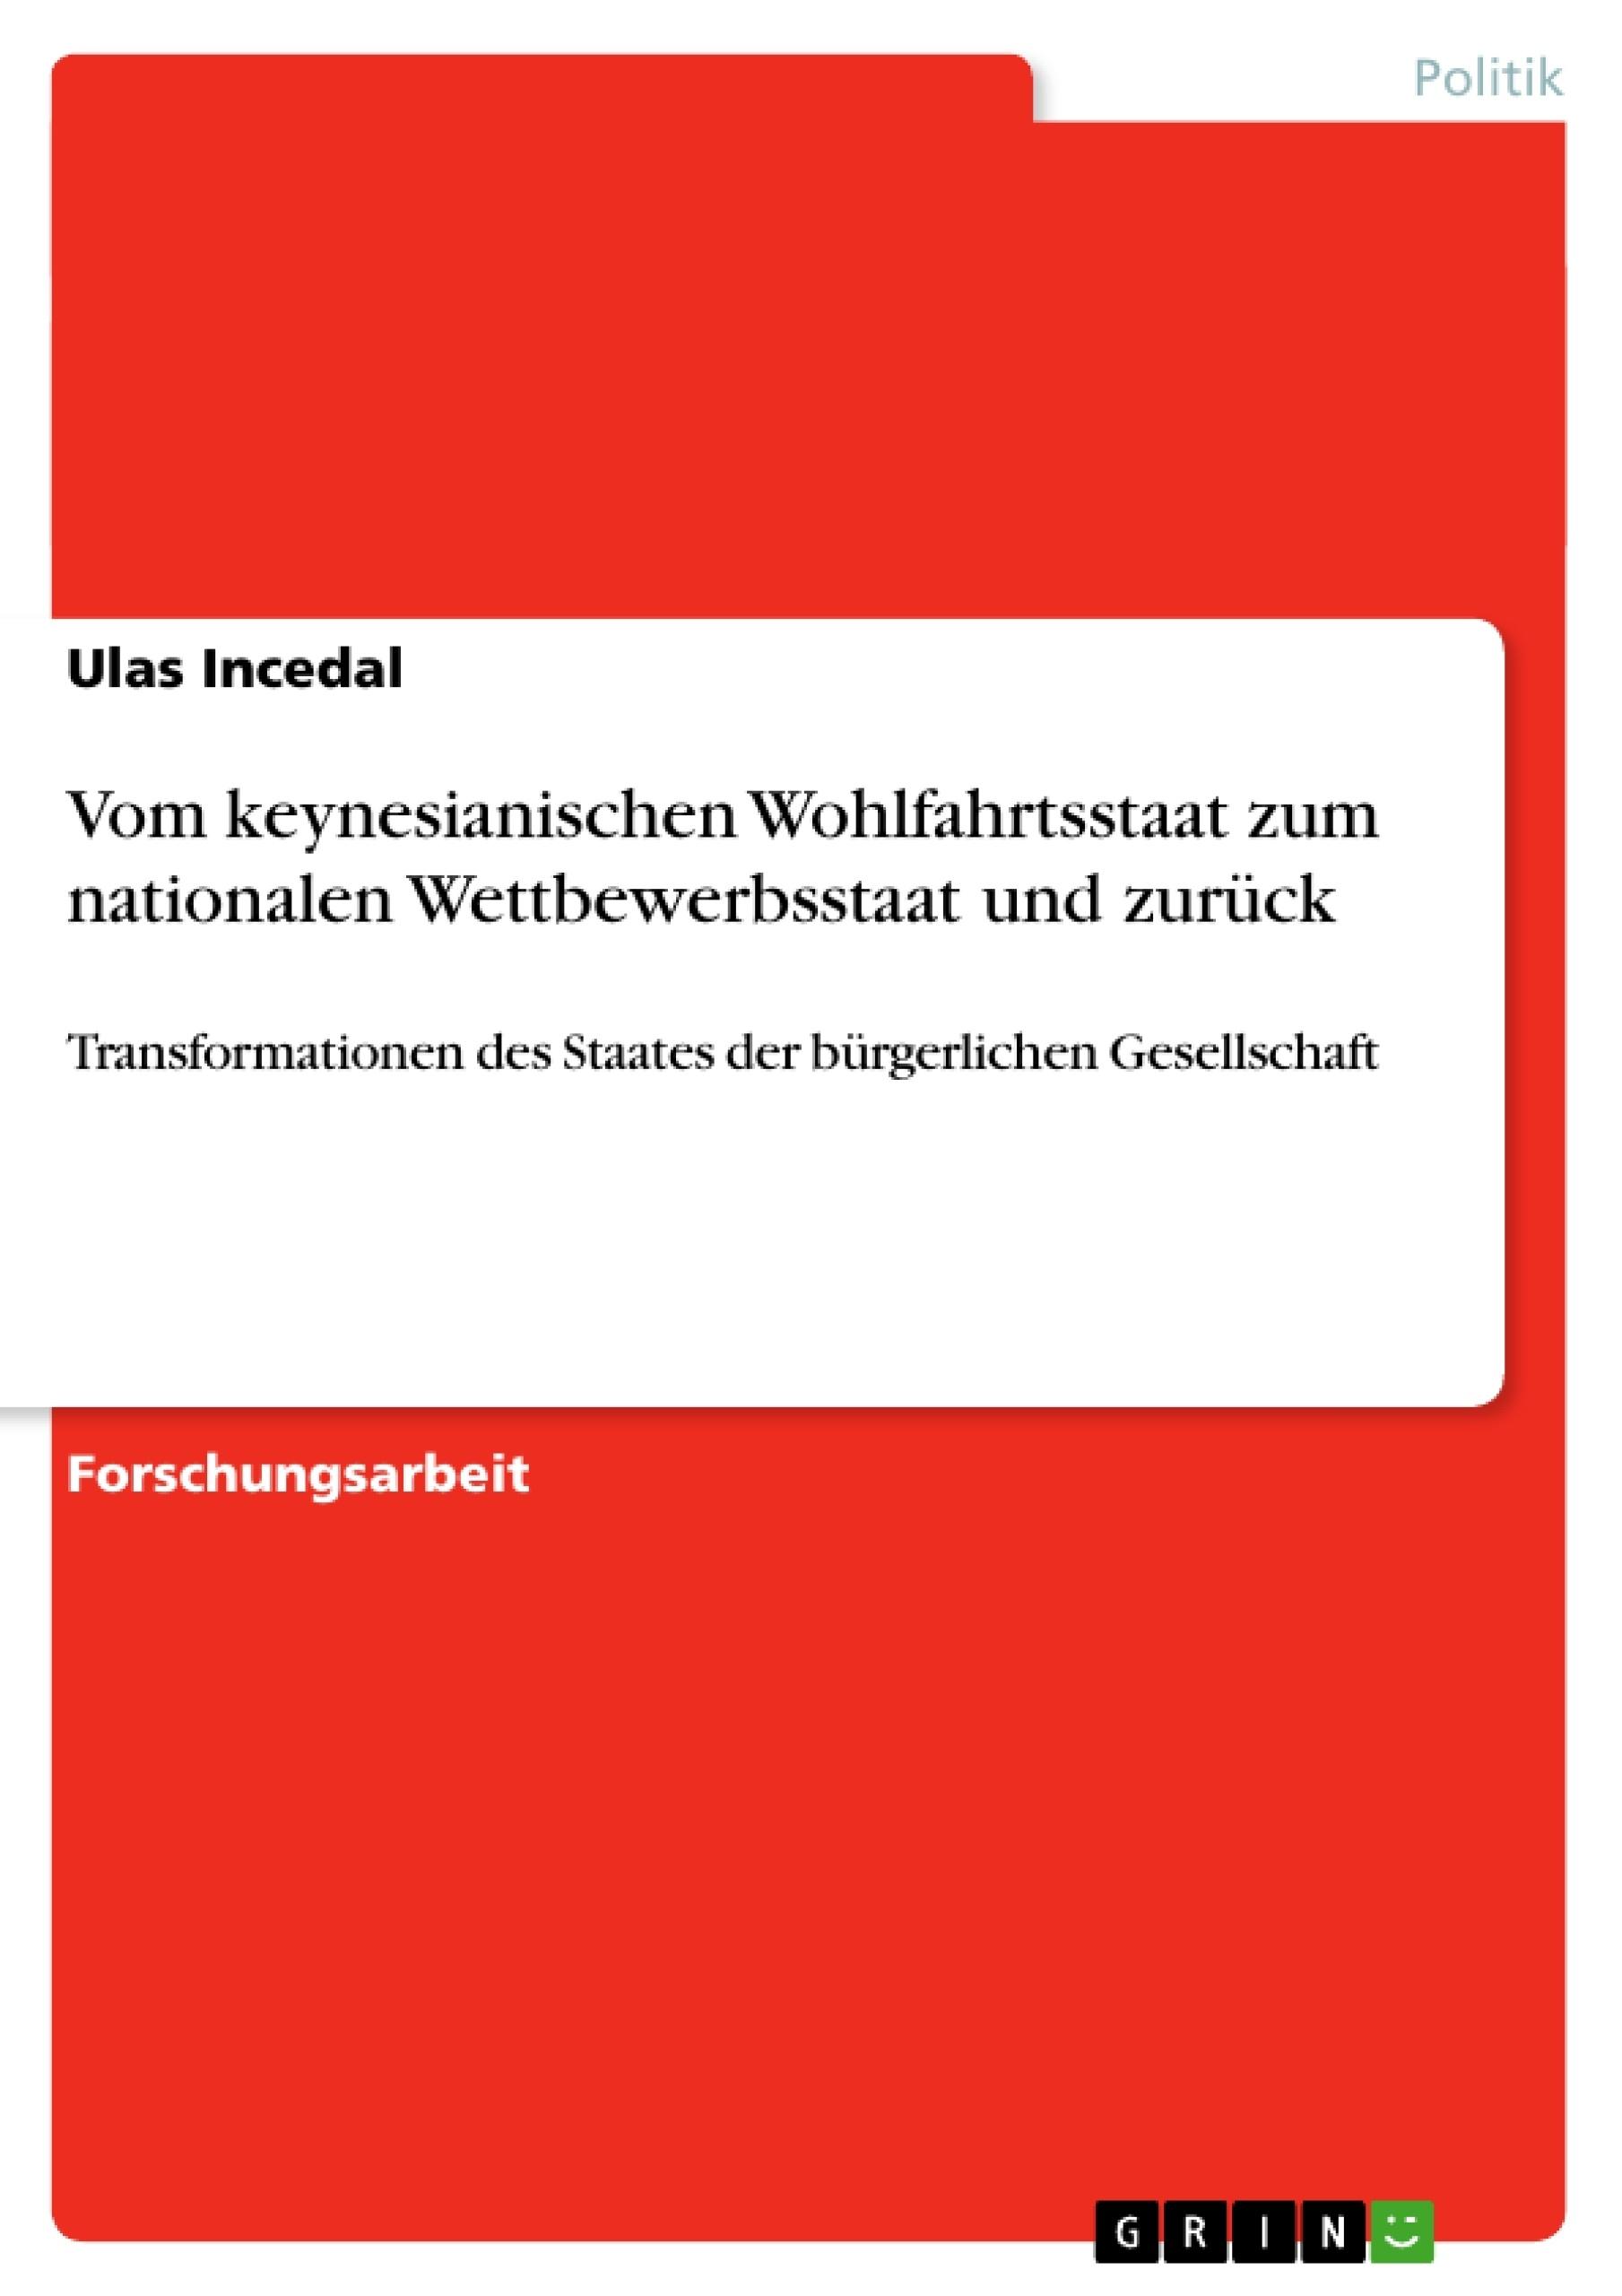 Titel: Vom keynesianischen Wohlfahrtsstaat zum nationalen Wettbewerbsstaat und zurück